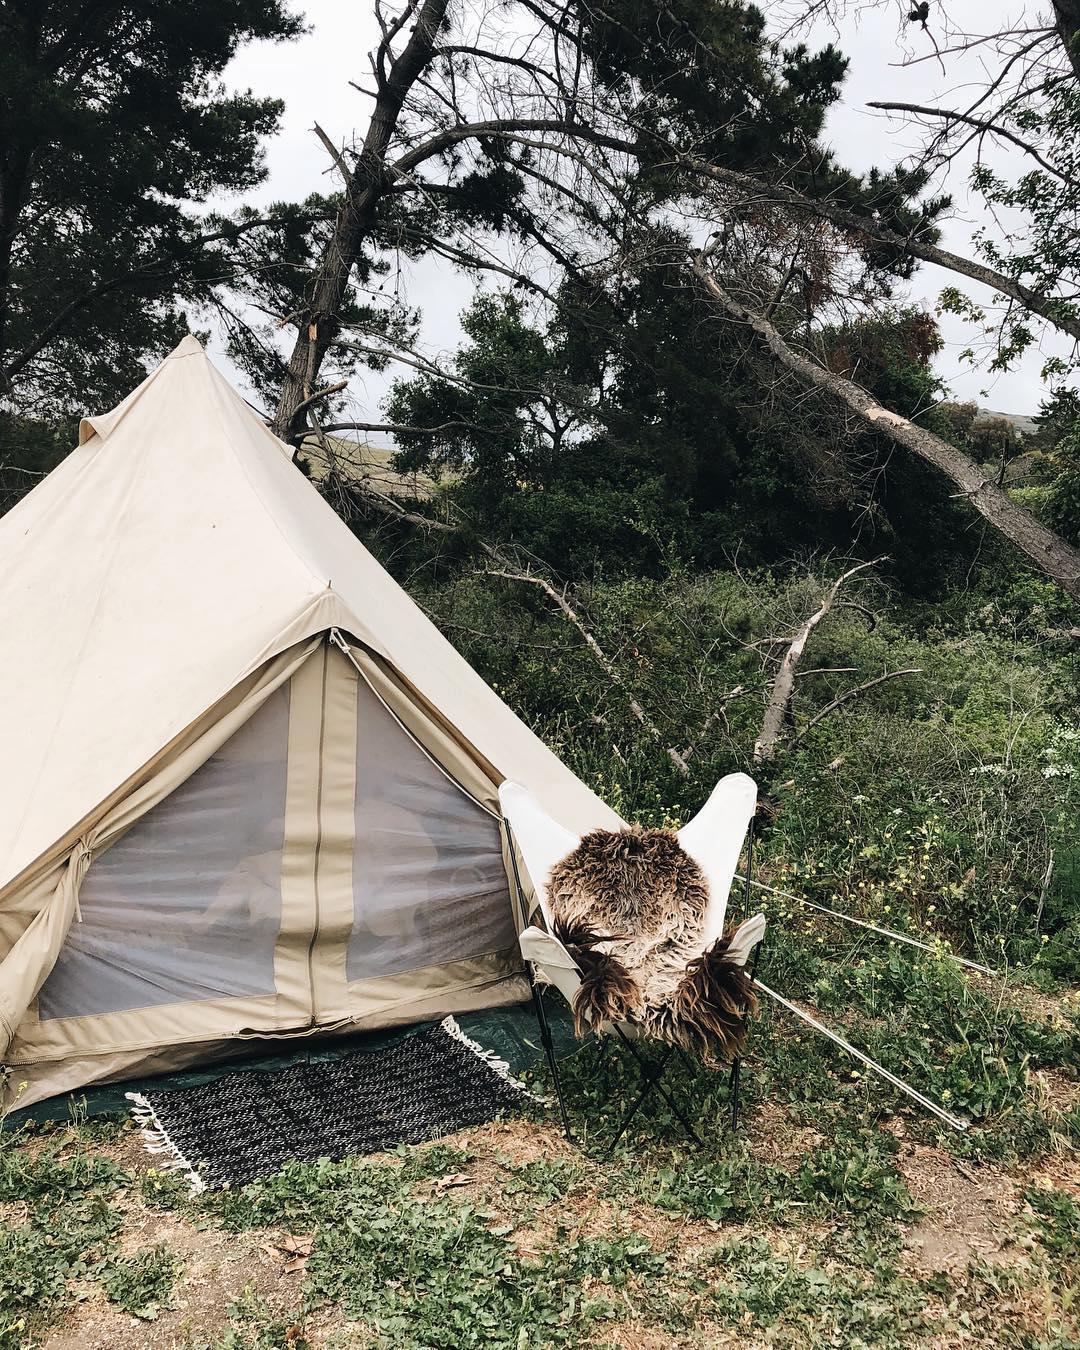 浪漫的野外露营 帐篷酒店埃尔卡皮坦峡谷